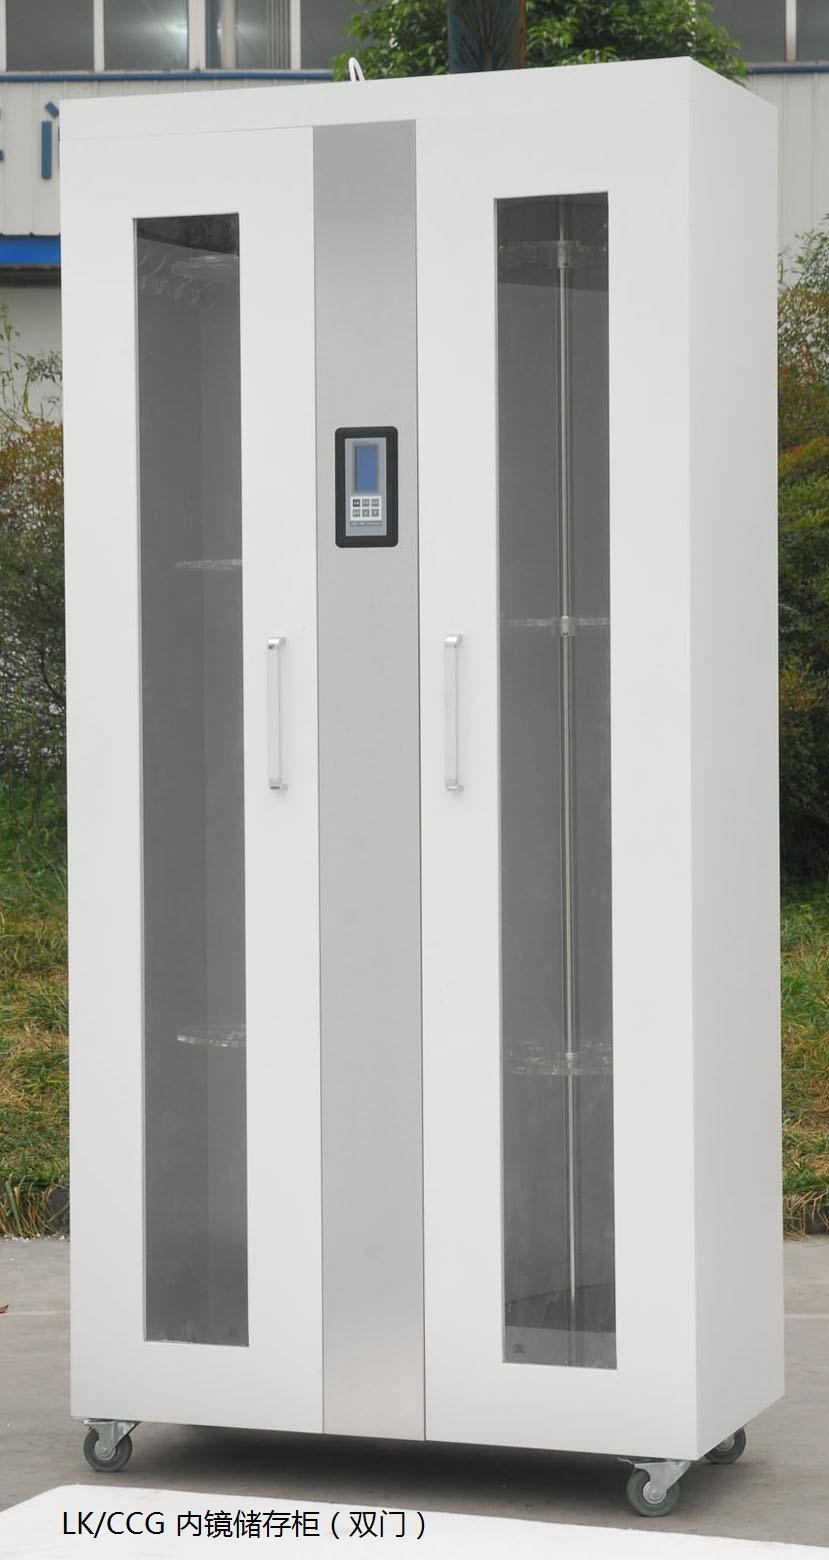 Flexible Endoscope Storage Cabinets ~ China endoscope storage cabinet